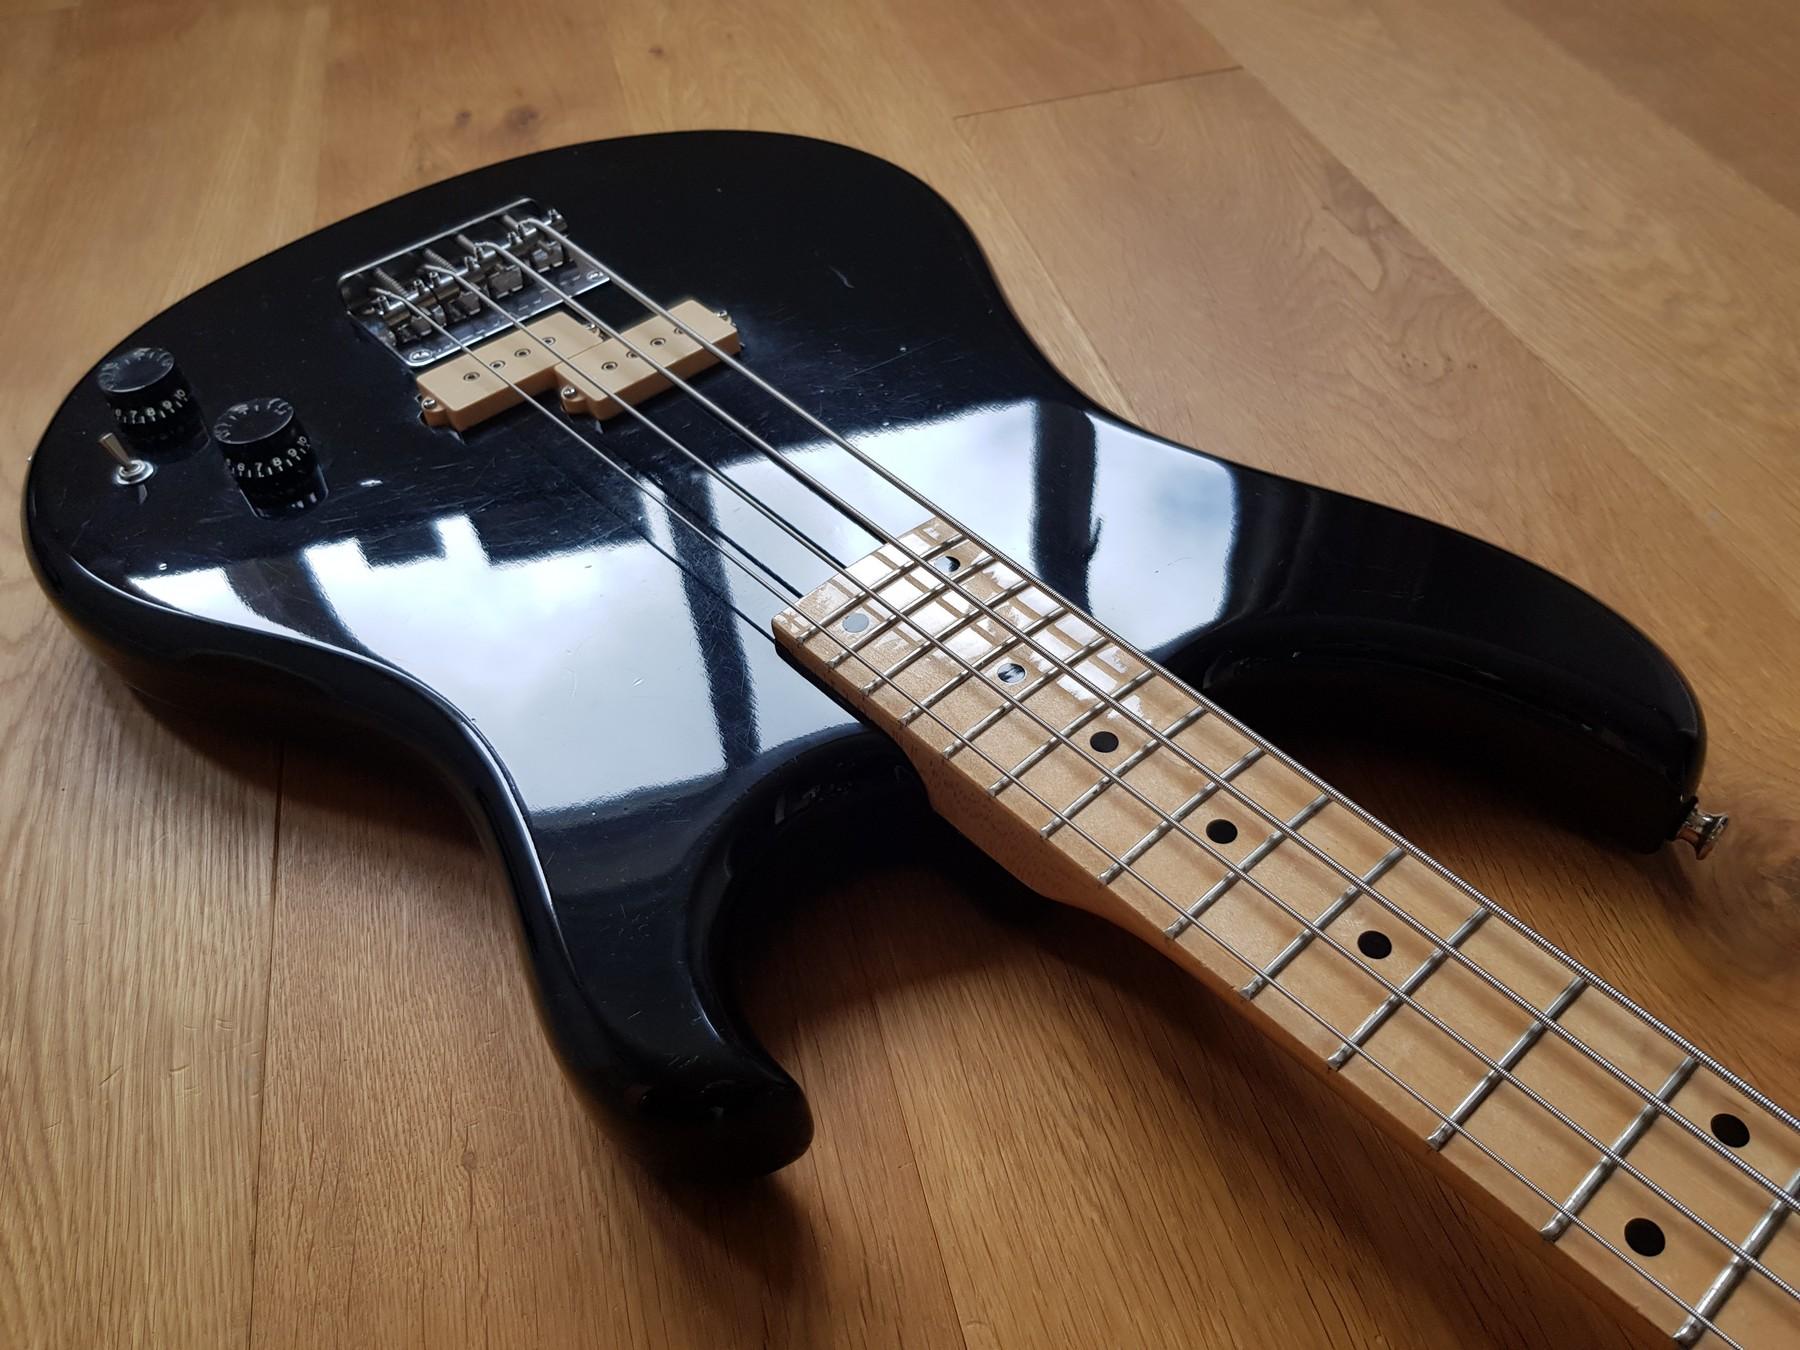 vox bass guitar